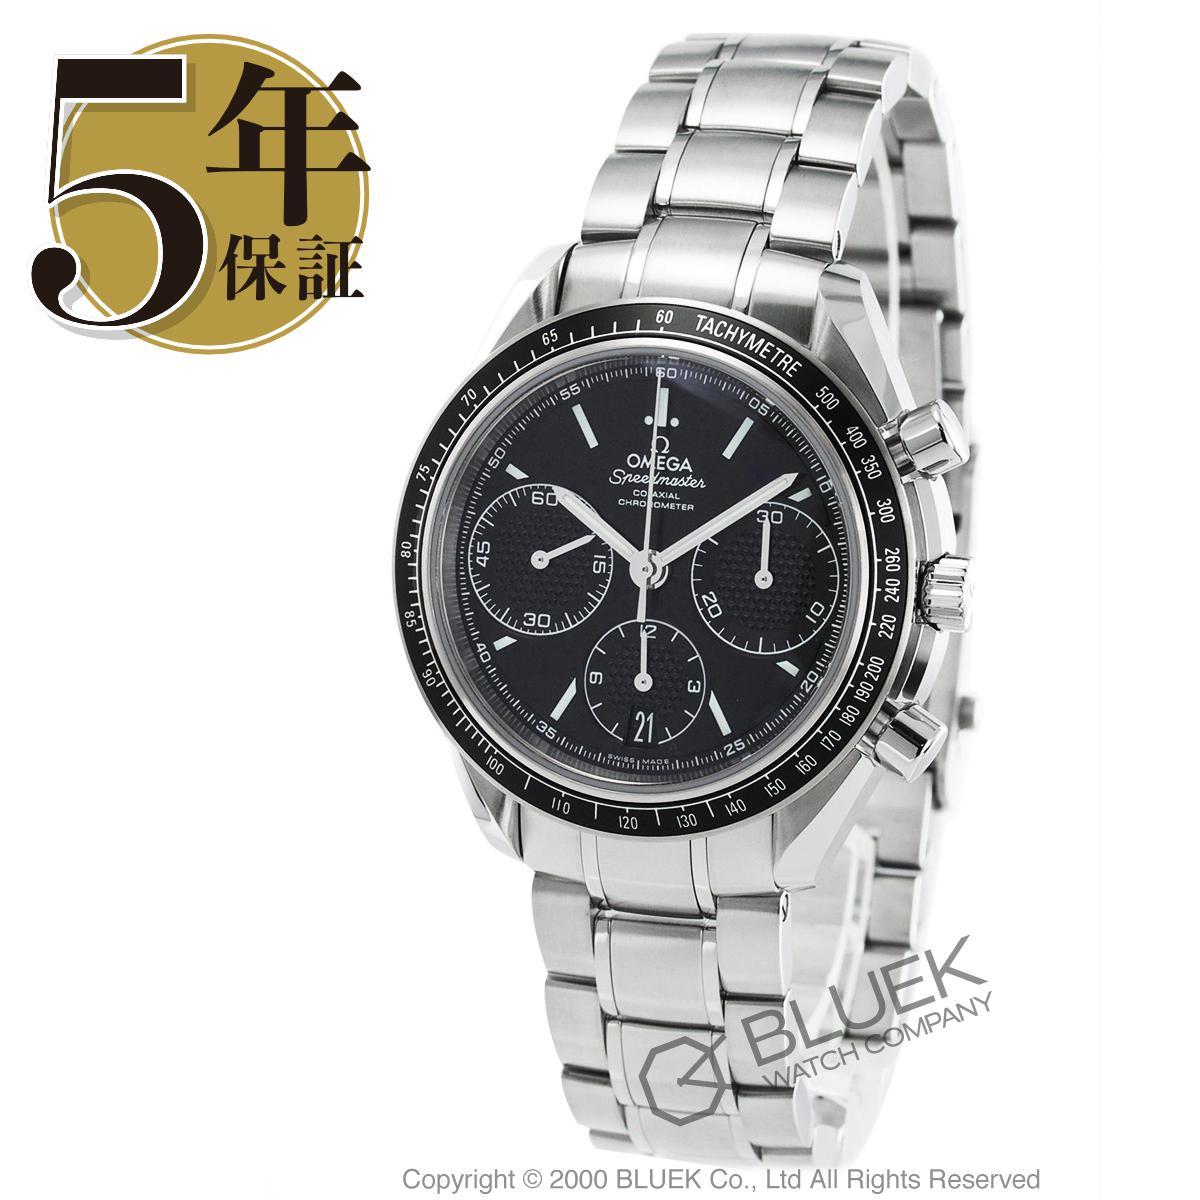 【3,000円OFFクーポン対象】オメガ スピードマスター レーシング クロノグラフ 腕時計 メンズ OMEGA 326.30.40.50.01.001_8